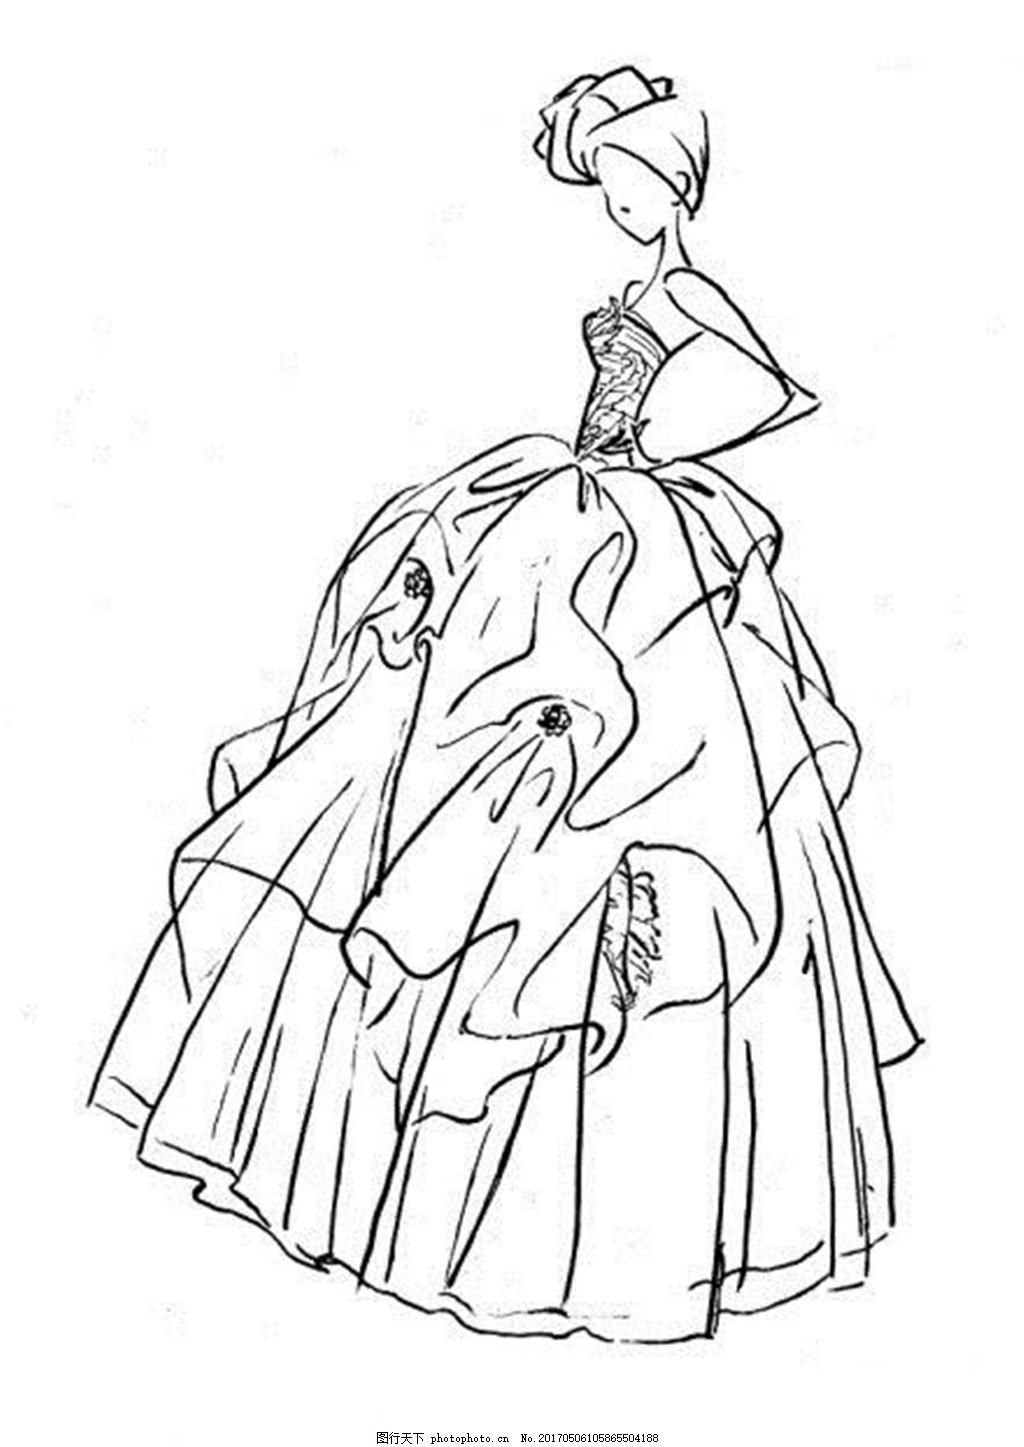 设计图库 现代科技 服装设计  时尚抹胸礼服设计图 服装设计 时尚女装